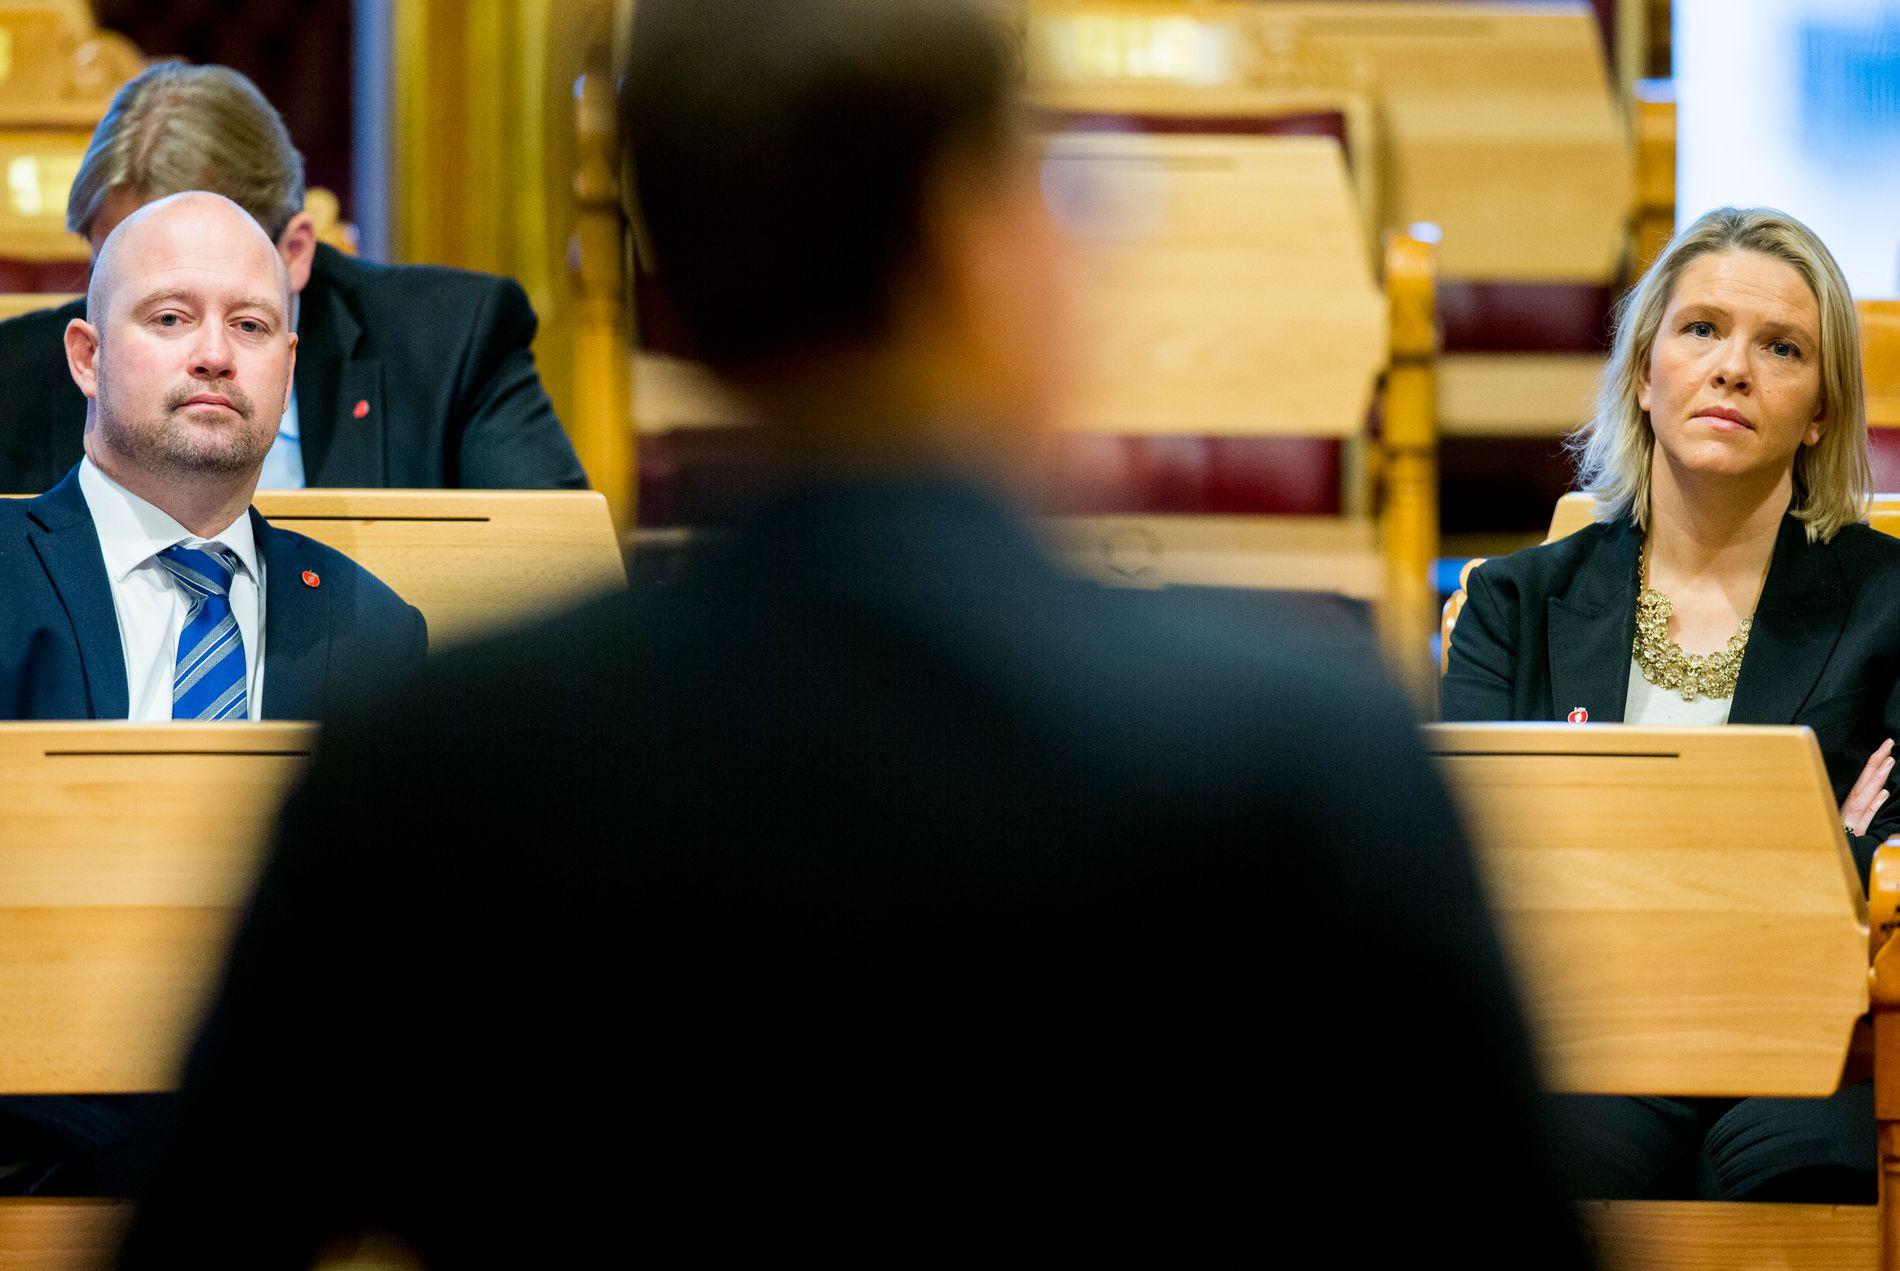 FORGJENGER: Anders Anundsen, som var justisminister frem til desember 2016, sier han ikke opplevde at politiet la skjul på noe. Sylvi Listhaug (Frp) sier hun opplevde at deler av politiet dysset ned problemene.